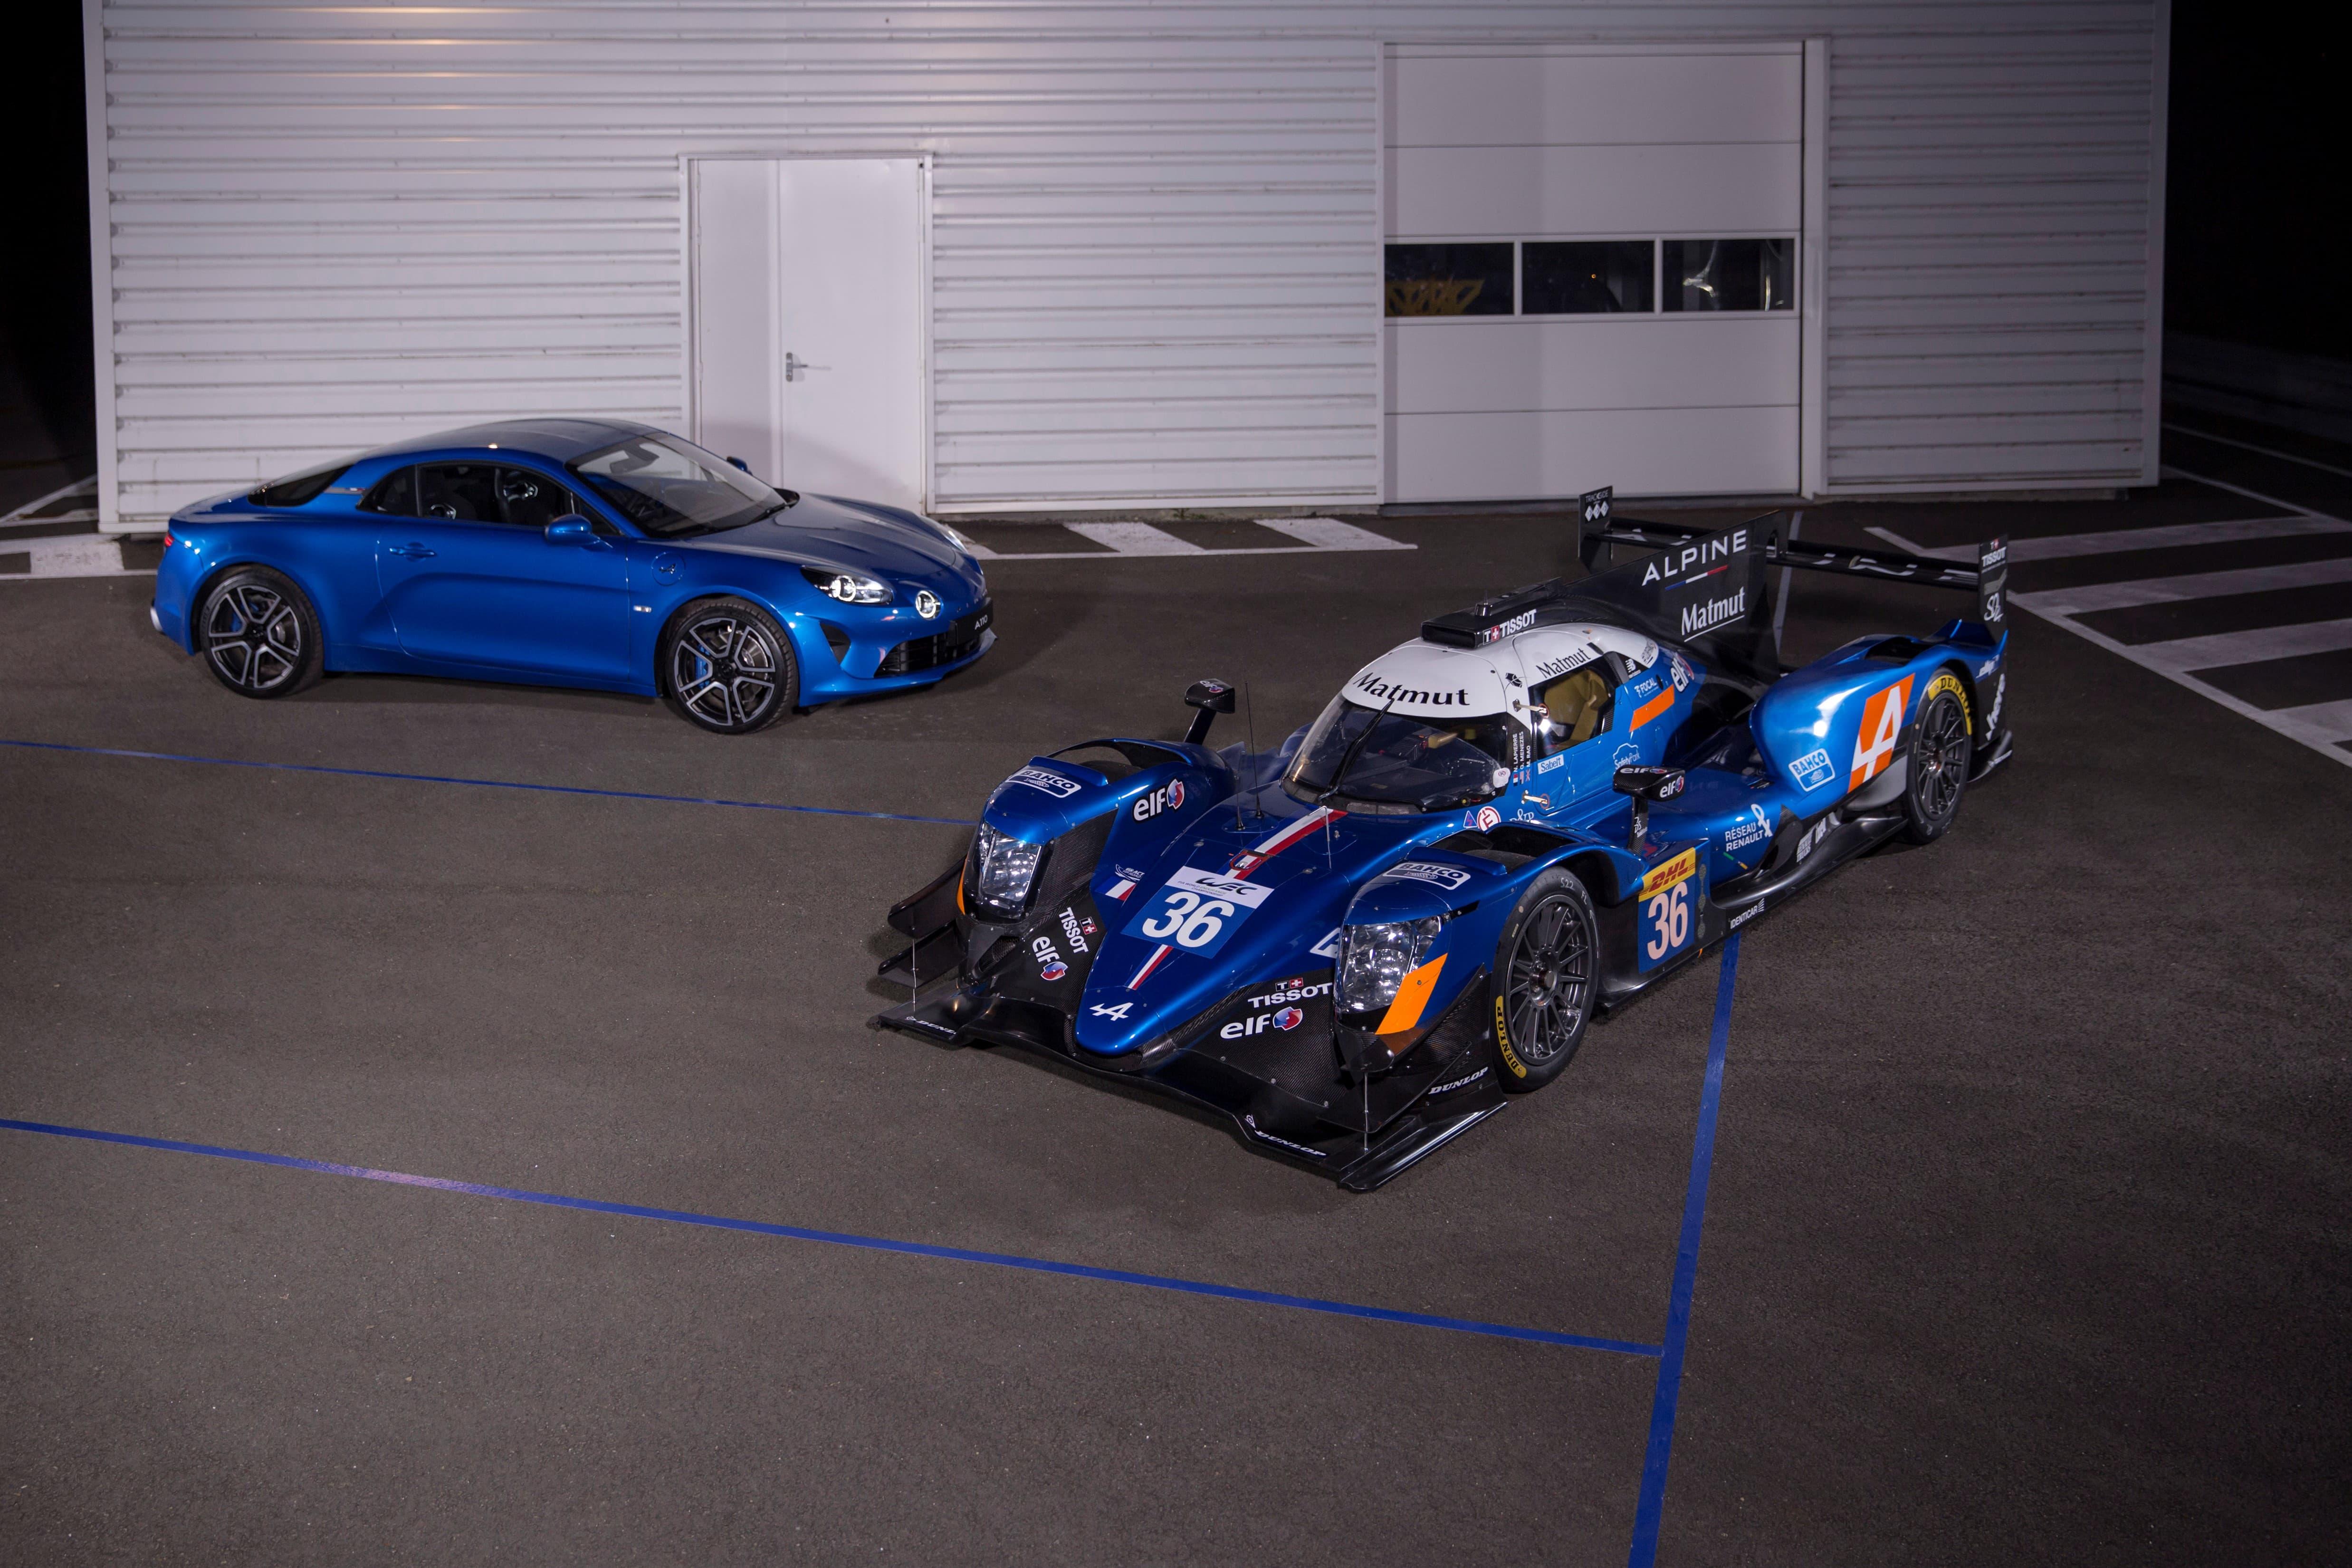 Alpine annonce la nouvelle A470 et ses équipages avec de très bonnes nouvelles pour le FIA WEC 2017